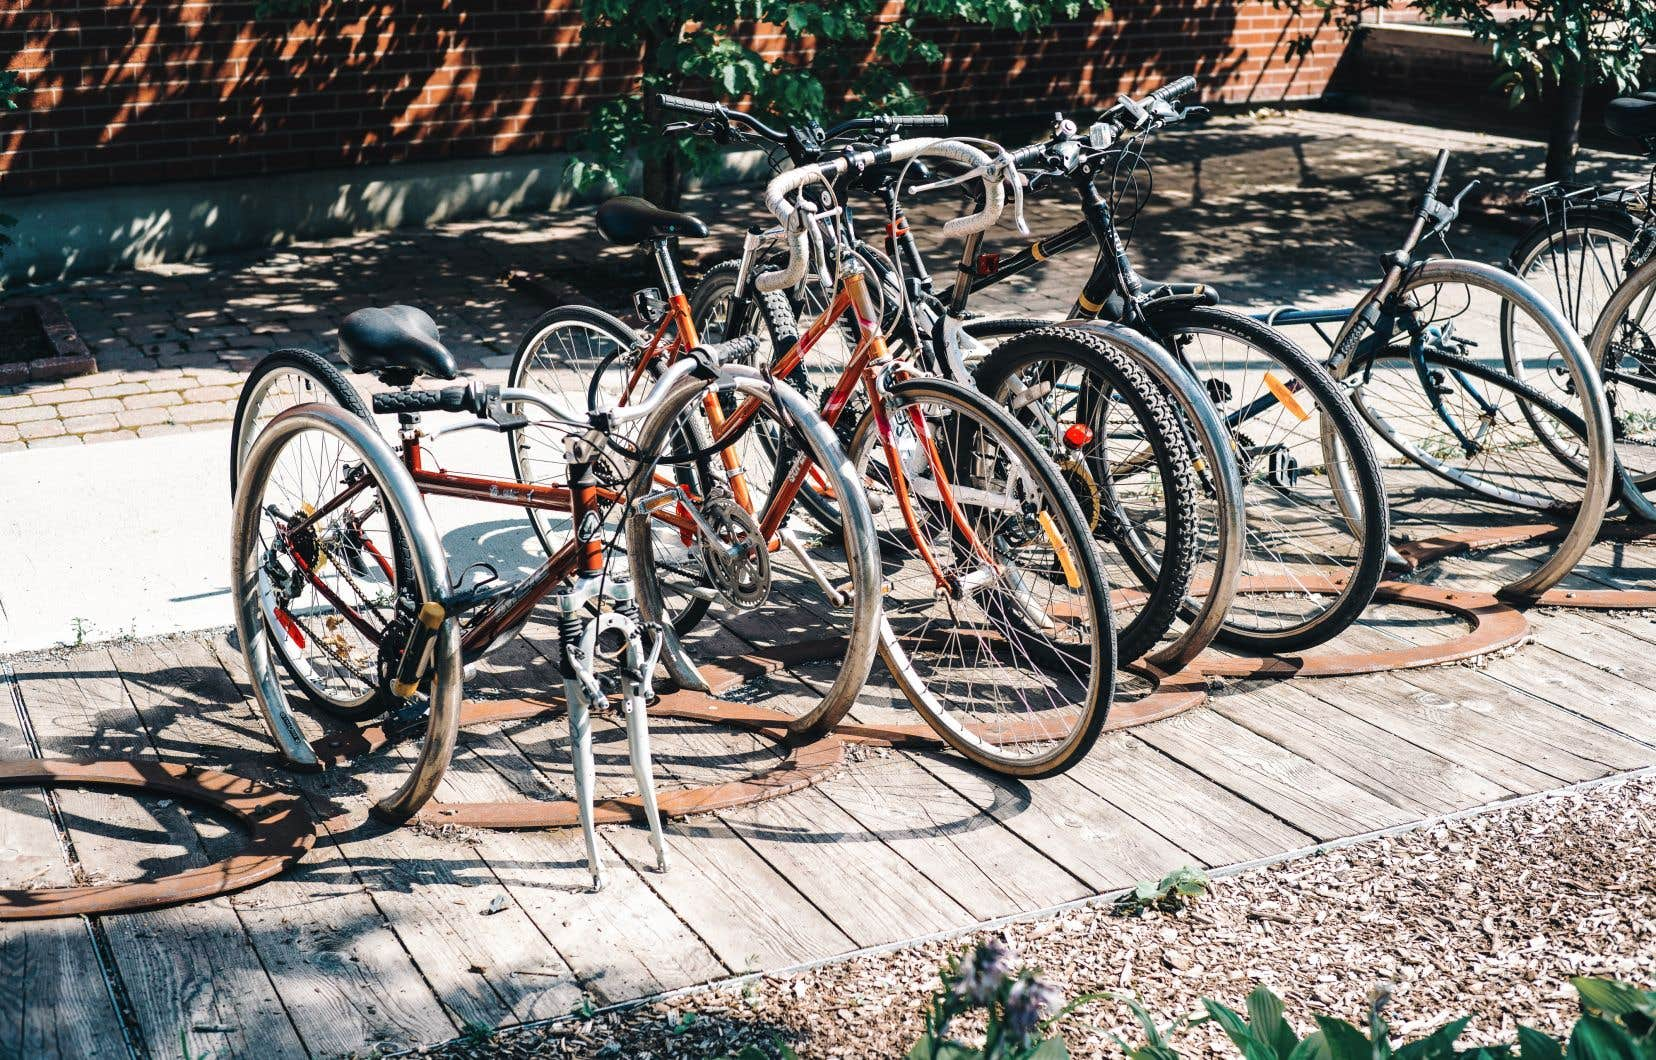 Montréal devient la première ville québécoise à opter pour l'application Garage 529 pour contrer le vol de vélos sur son territoire.